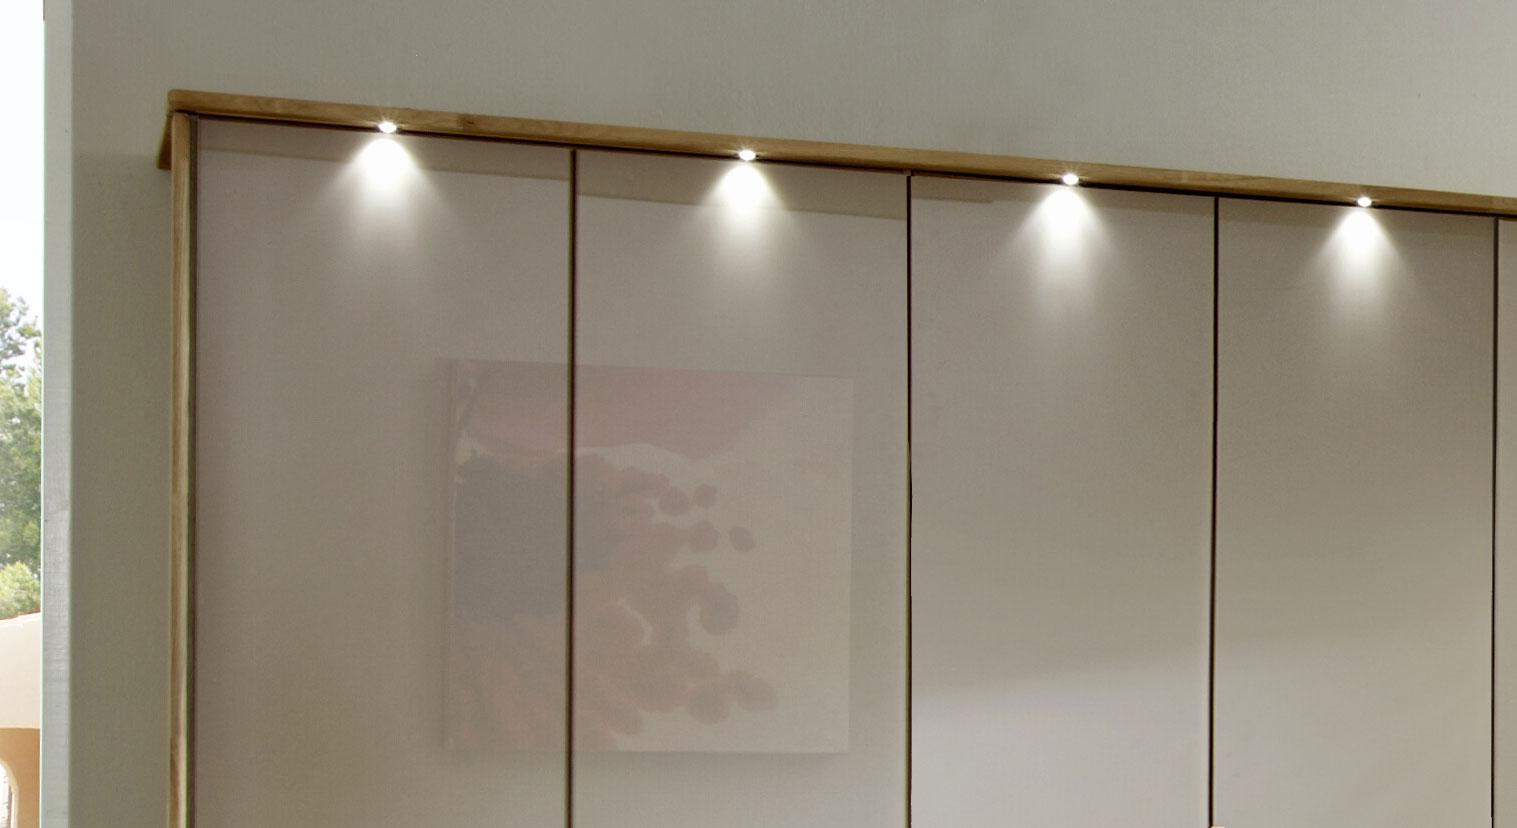 Kleiderschrank Led Beleuchtung | Dekoration Ideen